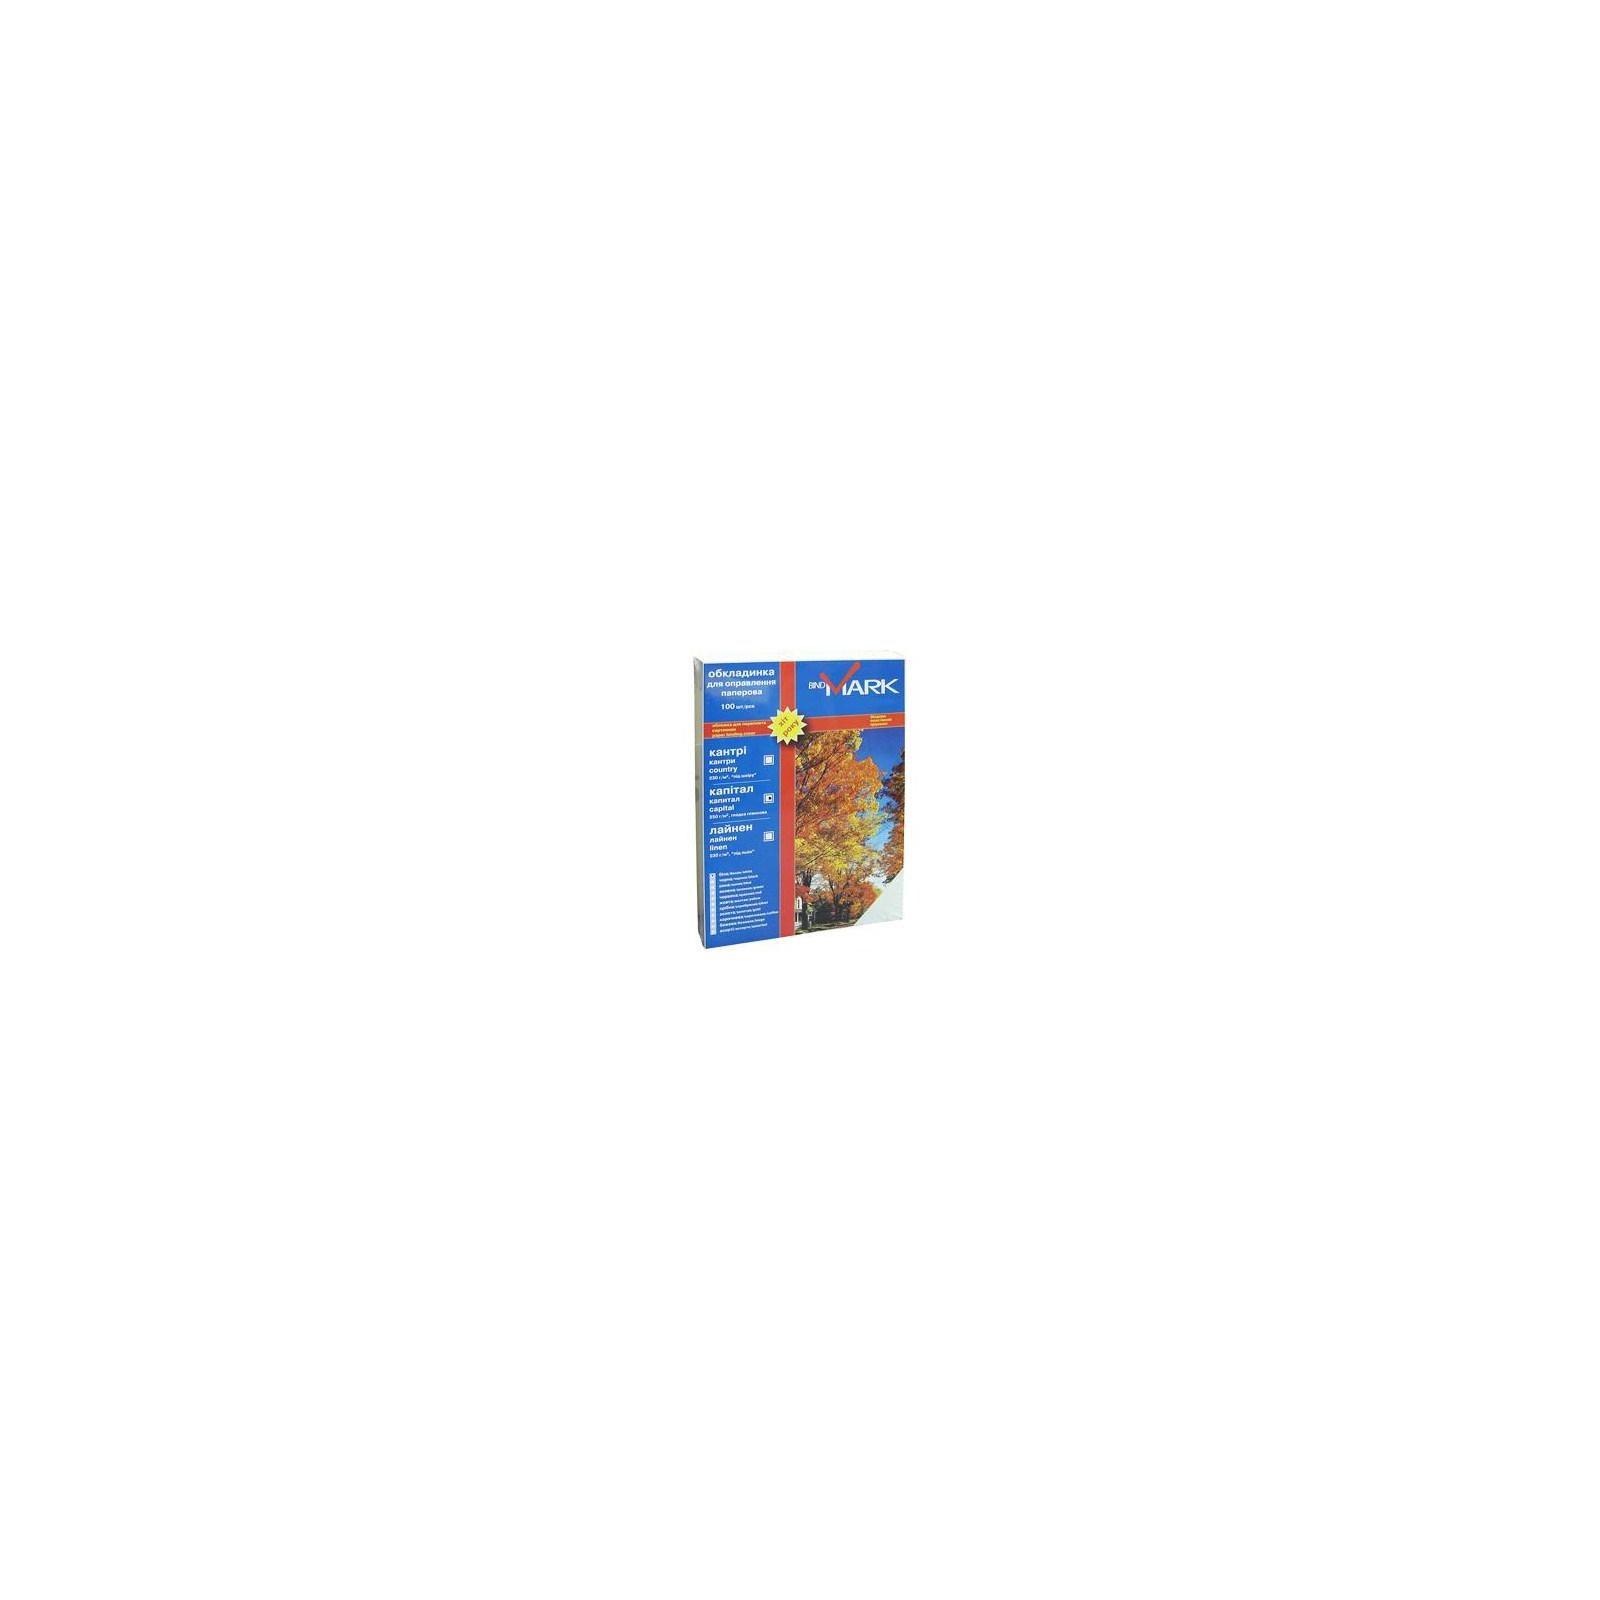 Обложка для переплета bindMARK карт. Капитал А4 250г/м2 ассорти (41629)